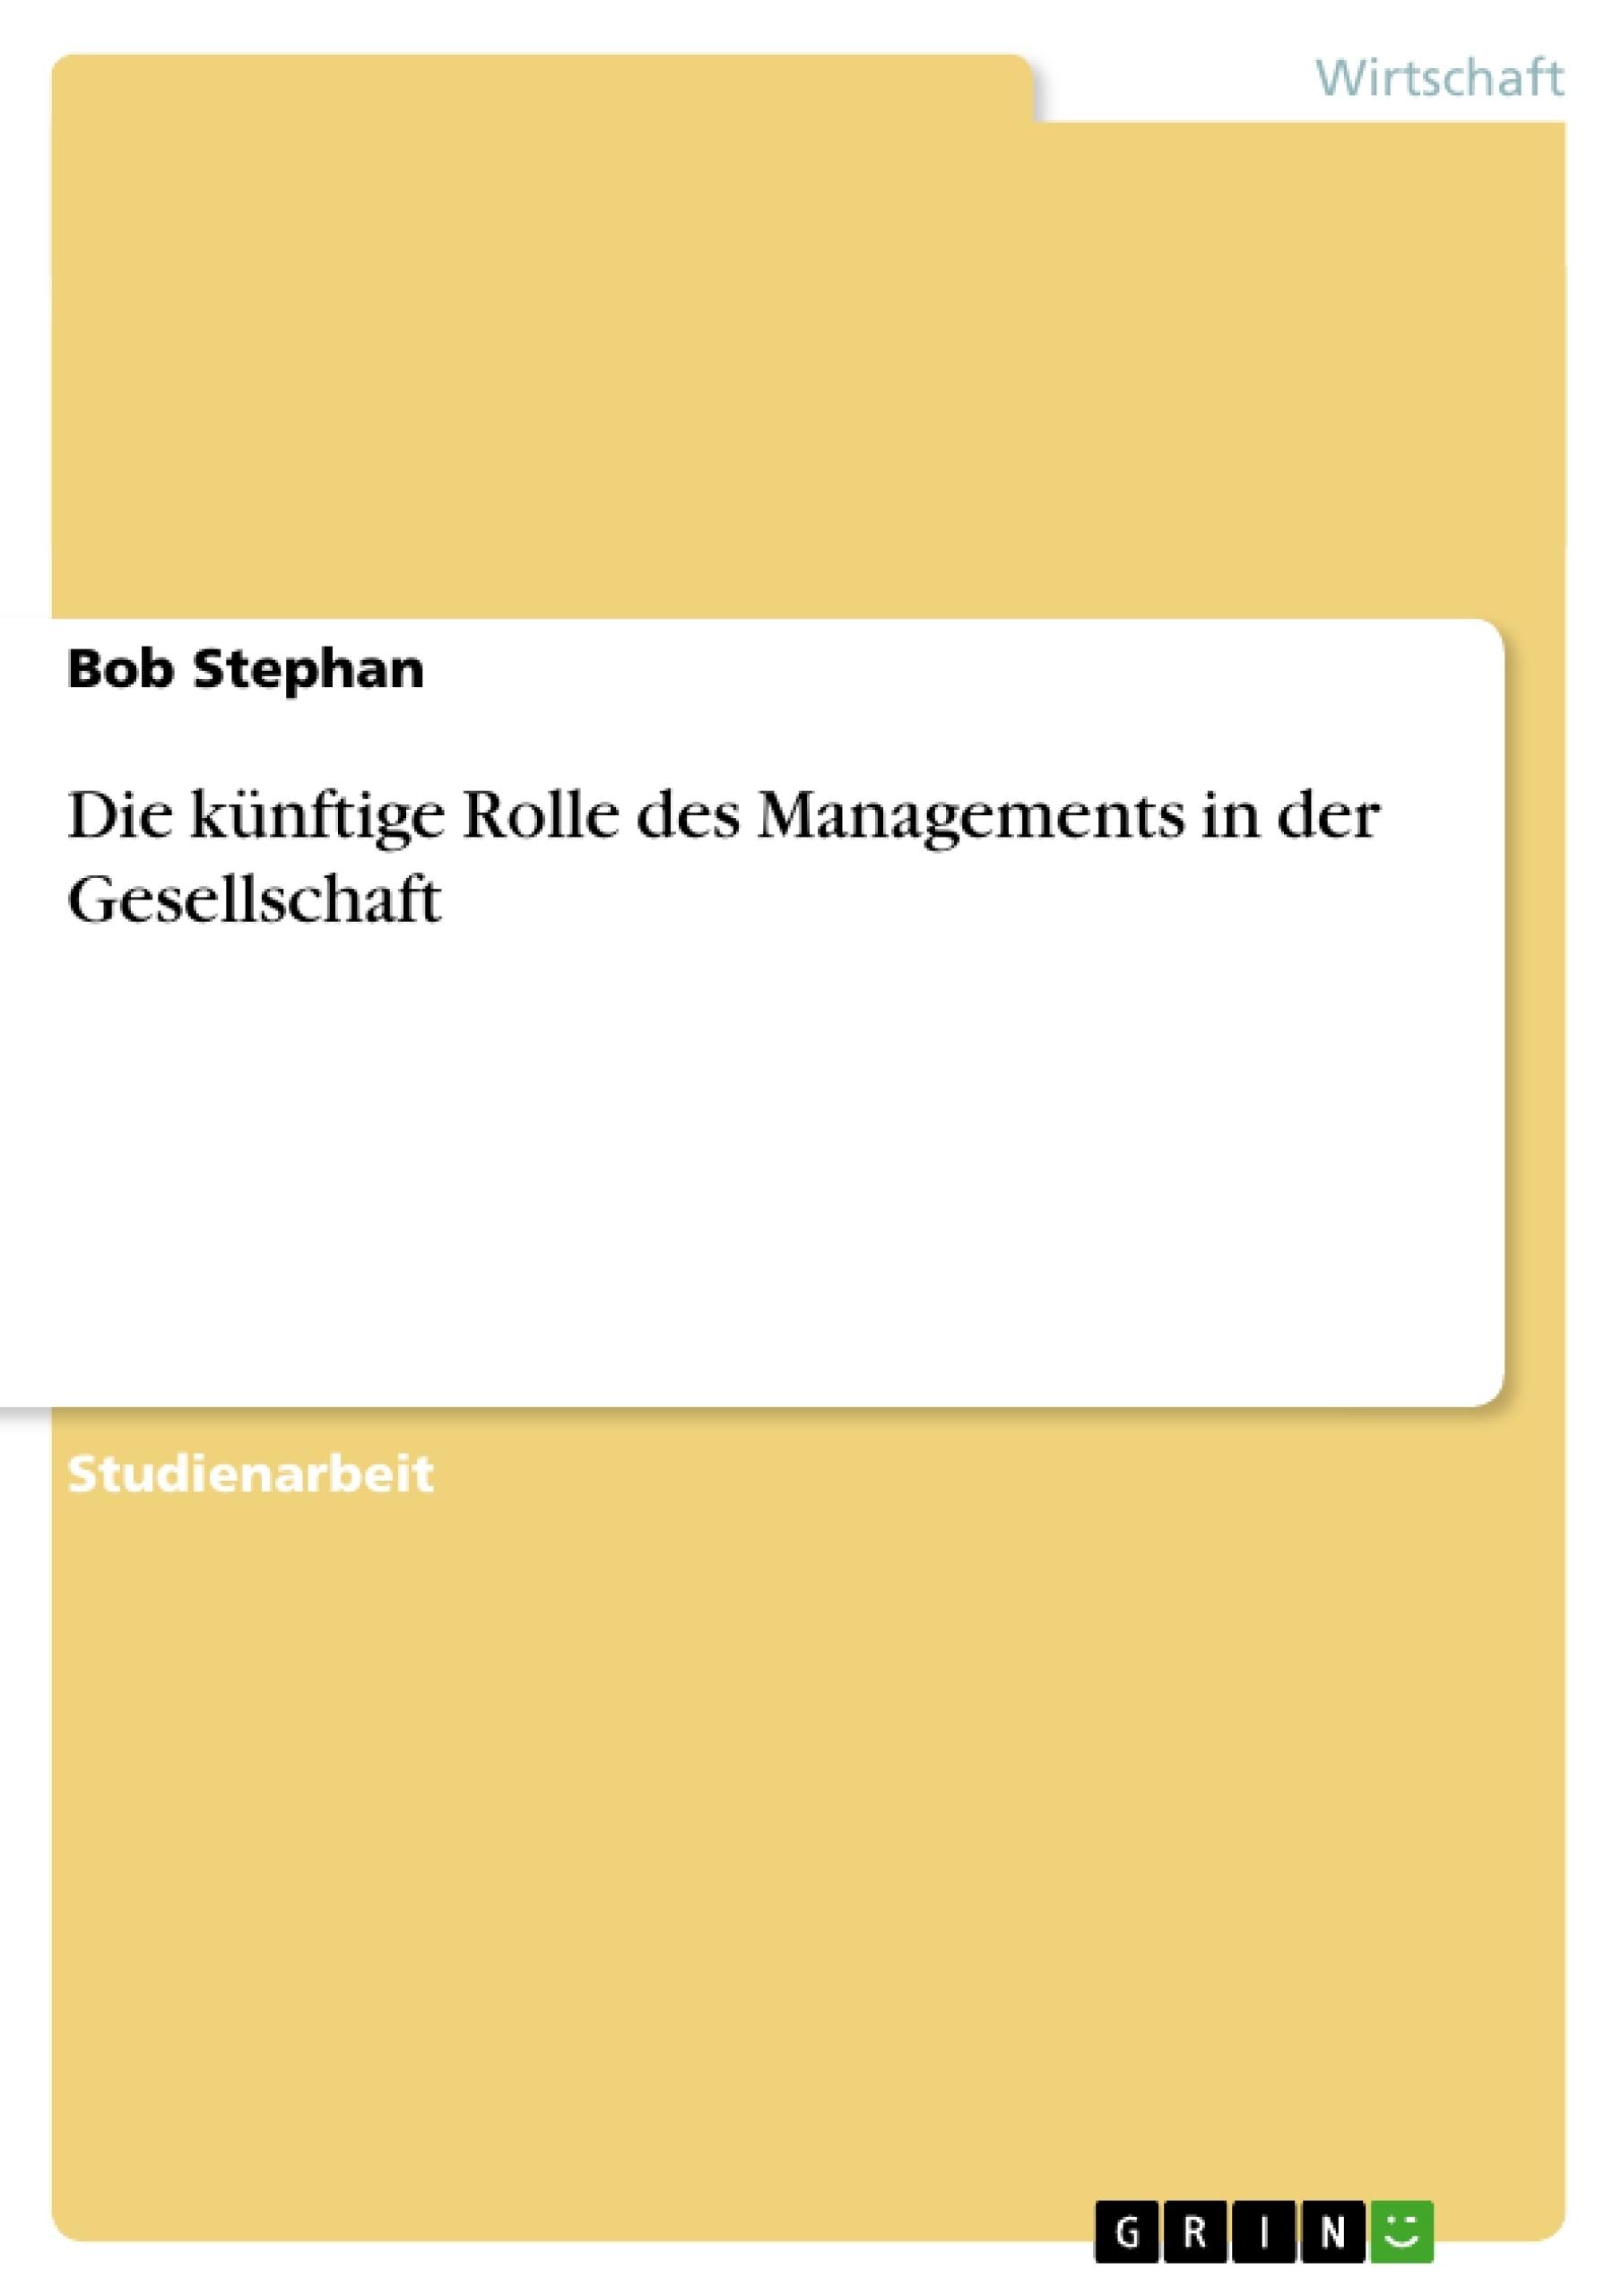 Titel: Die künftige Rolle des Managements in der Gesellschaft